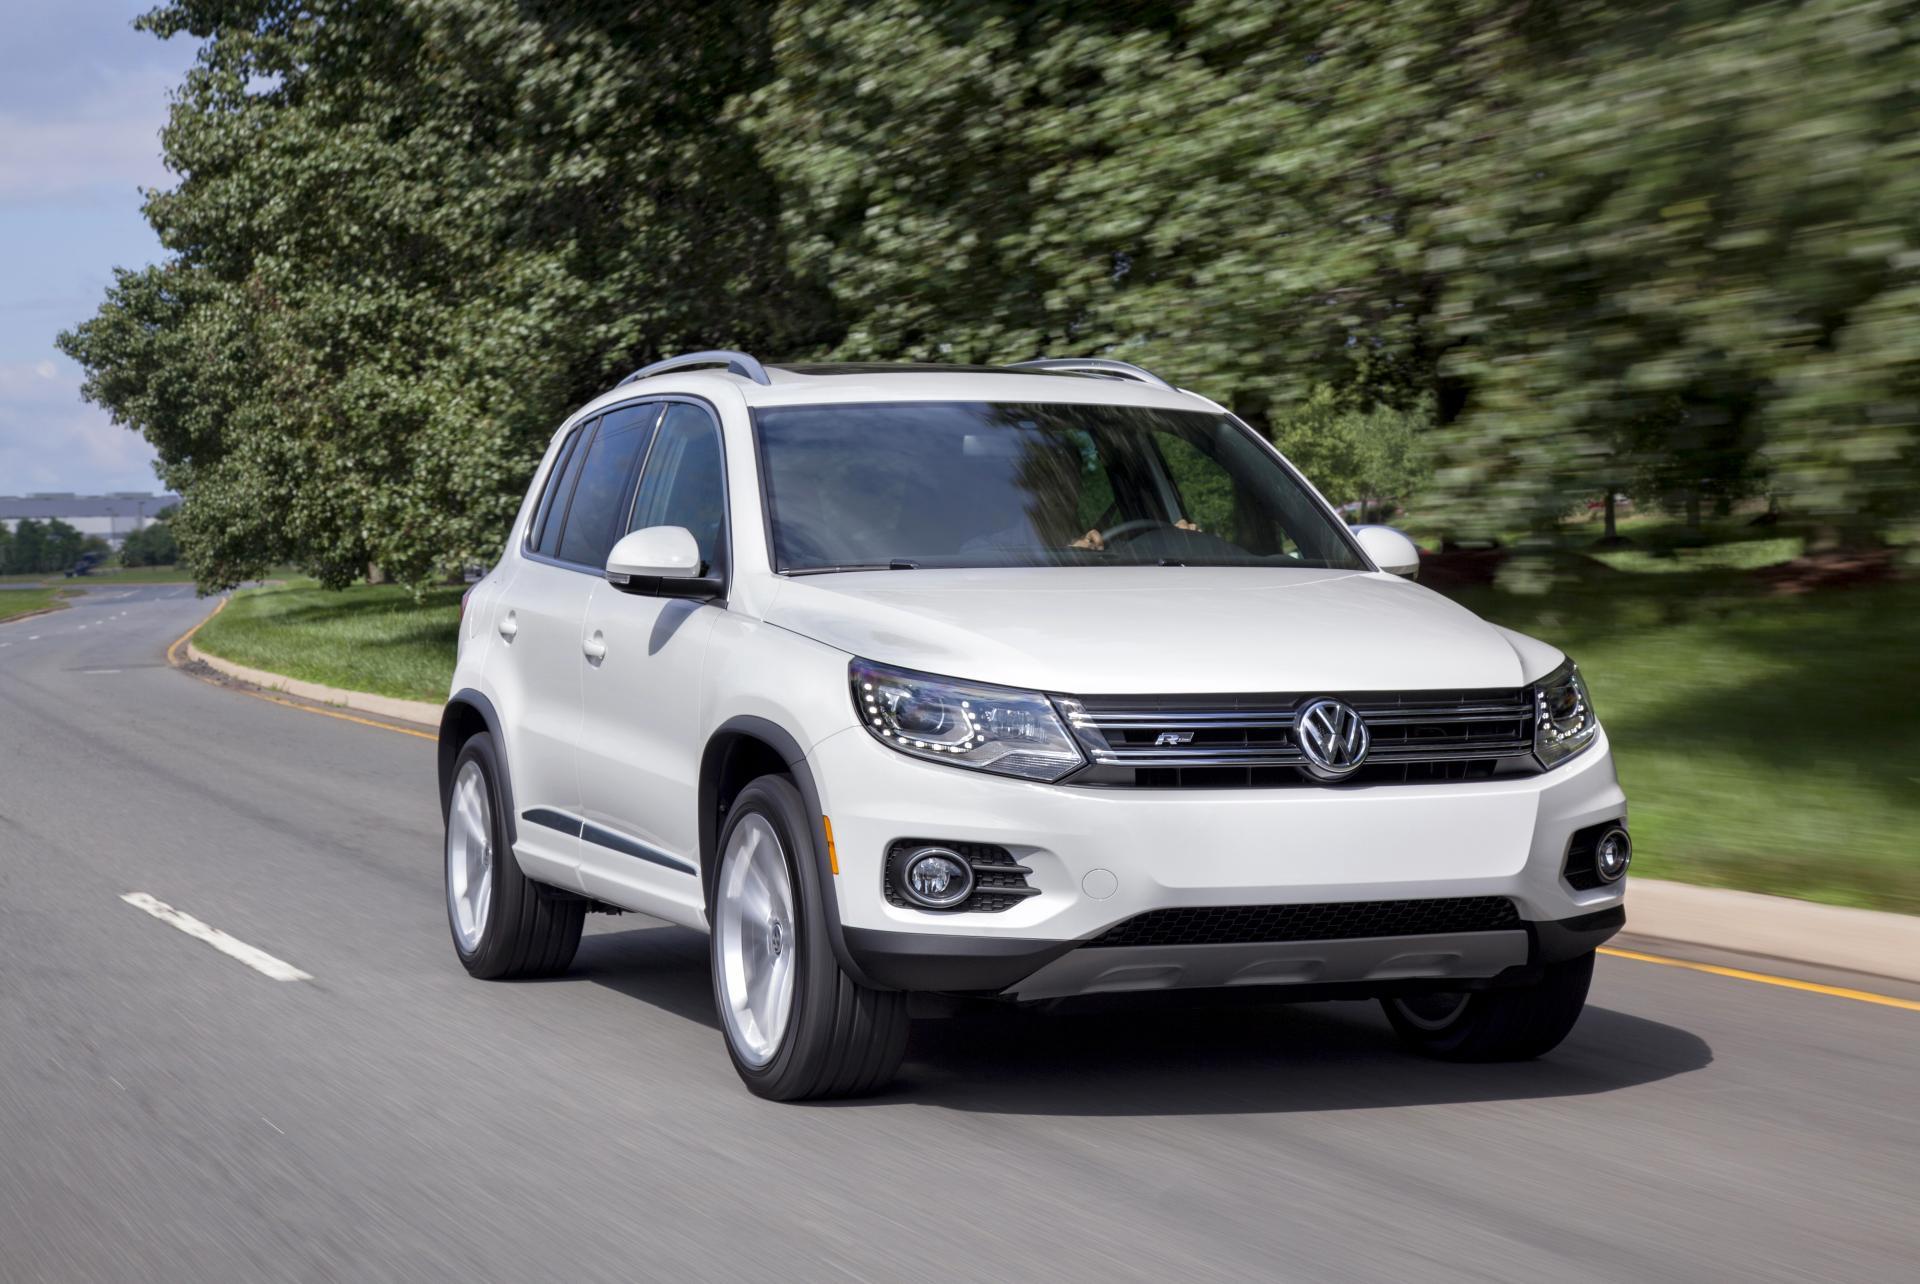 2014 Volkswagen Tiguan Conceptcarz Com